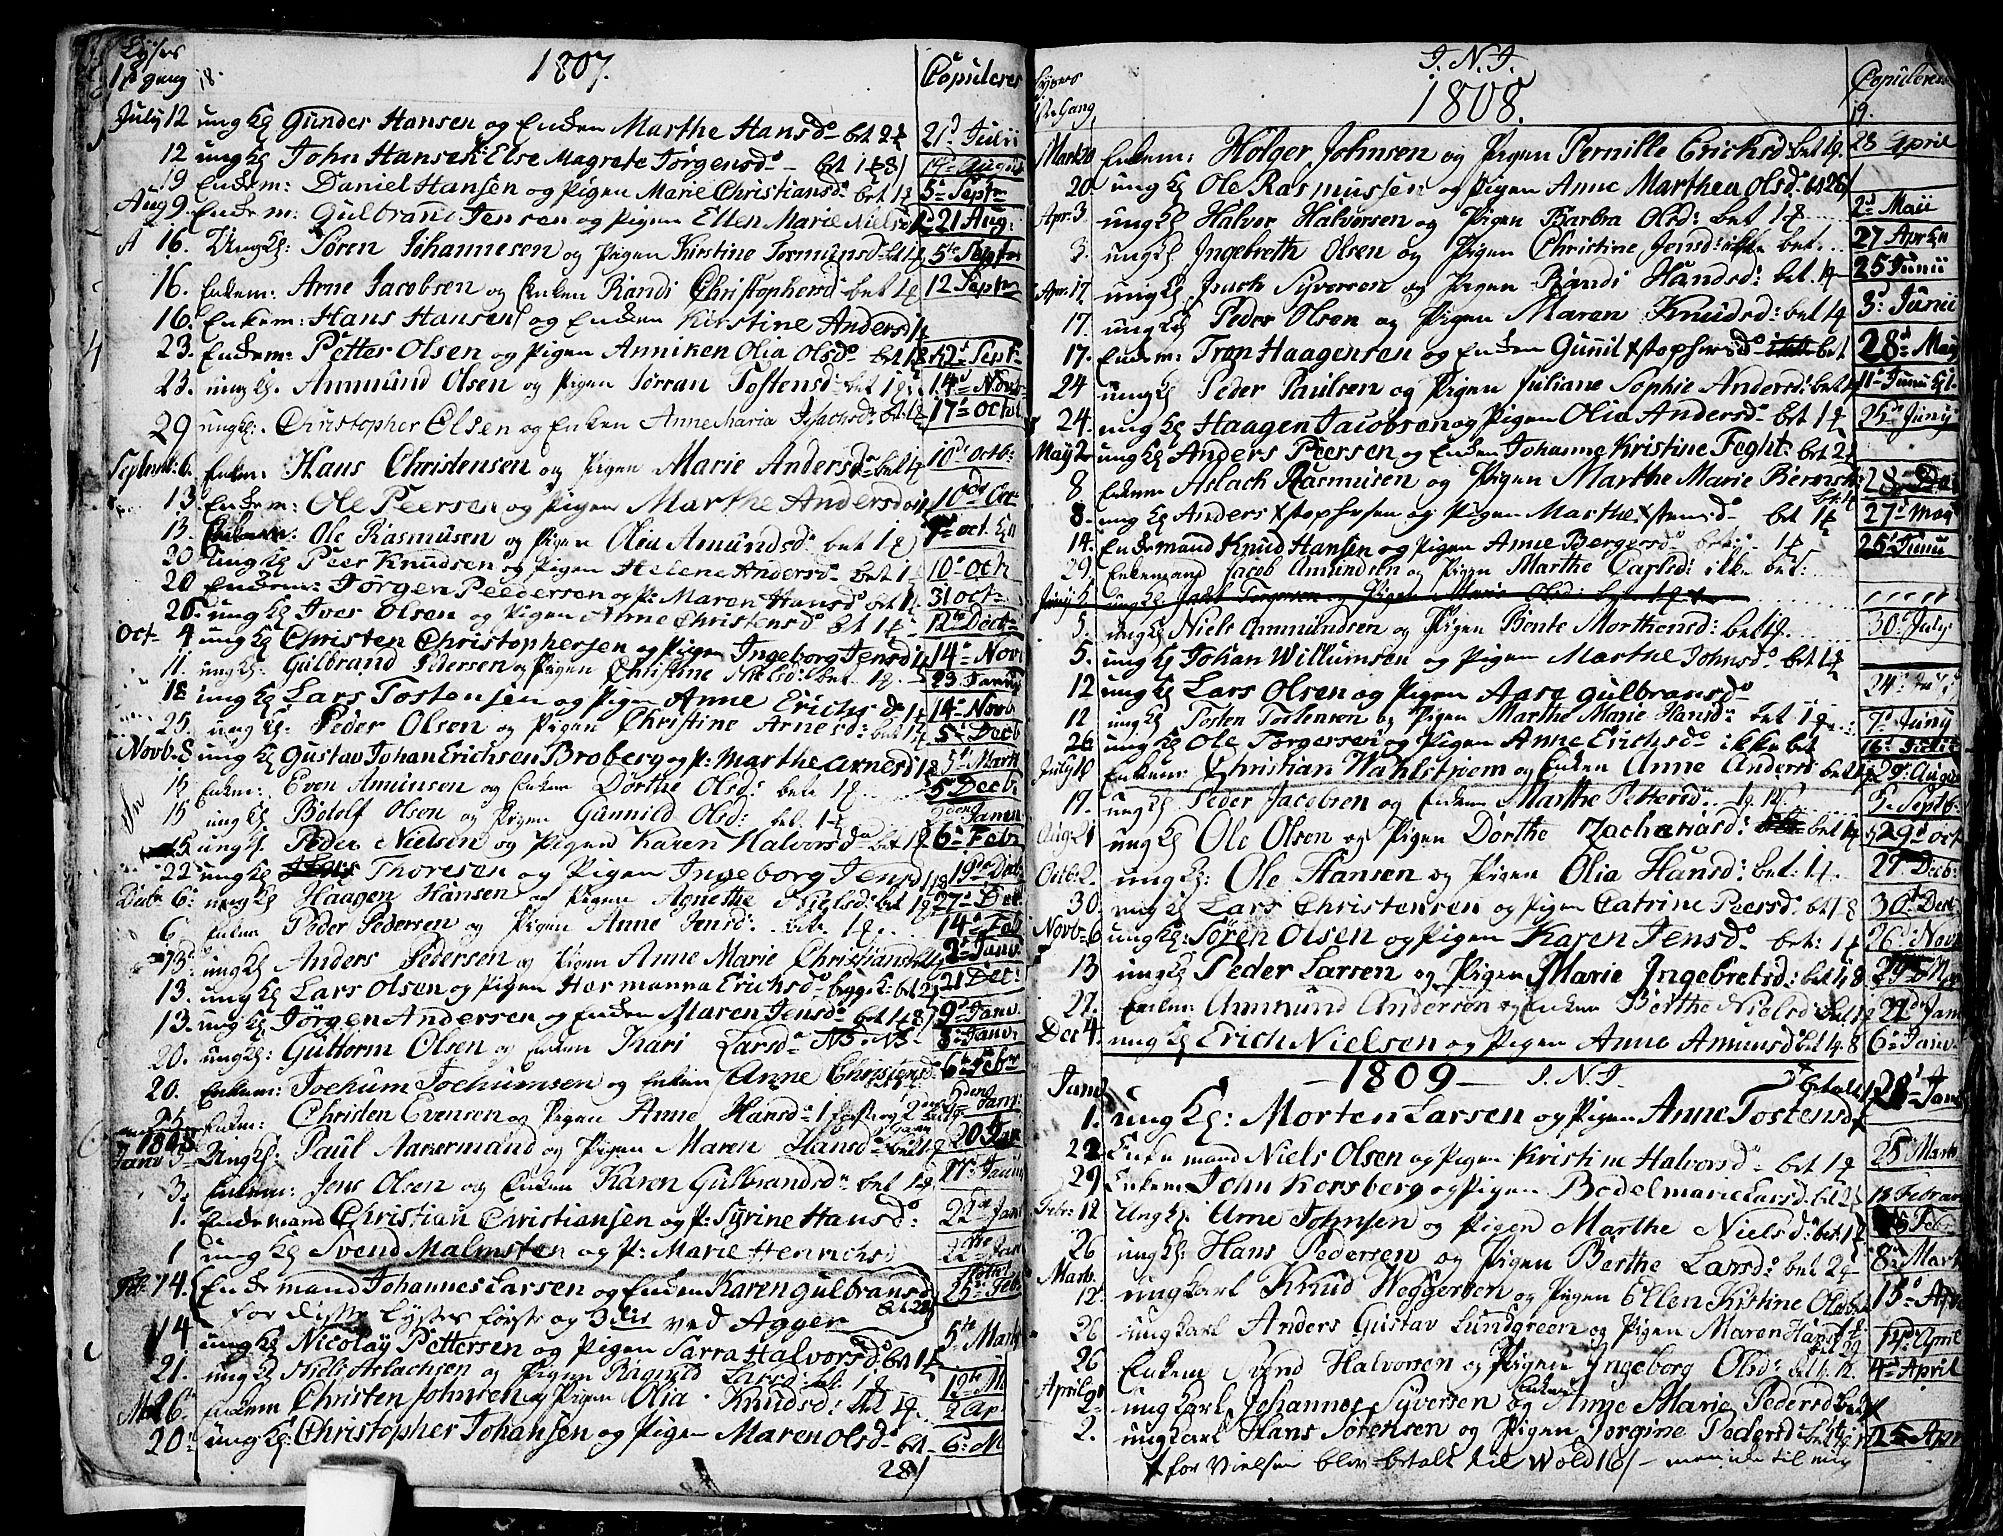 SAO, Aker prestekontor kirkebøker, G/L0001: Klokkerbok nr. 1, 1796-1826, s. 18-19